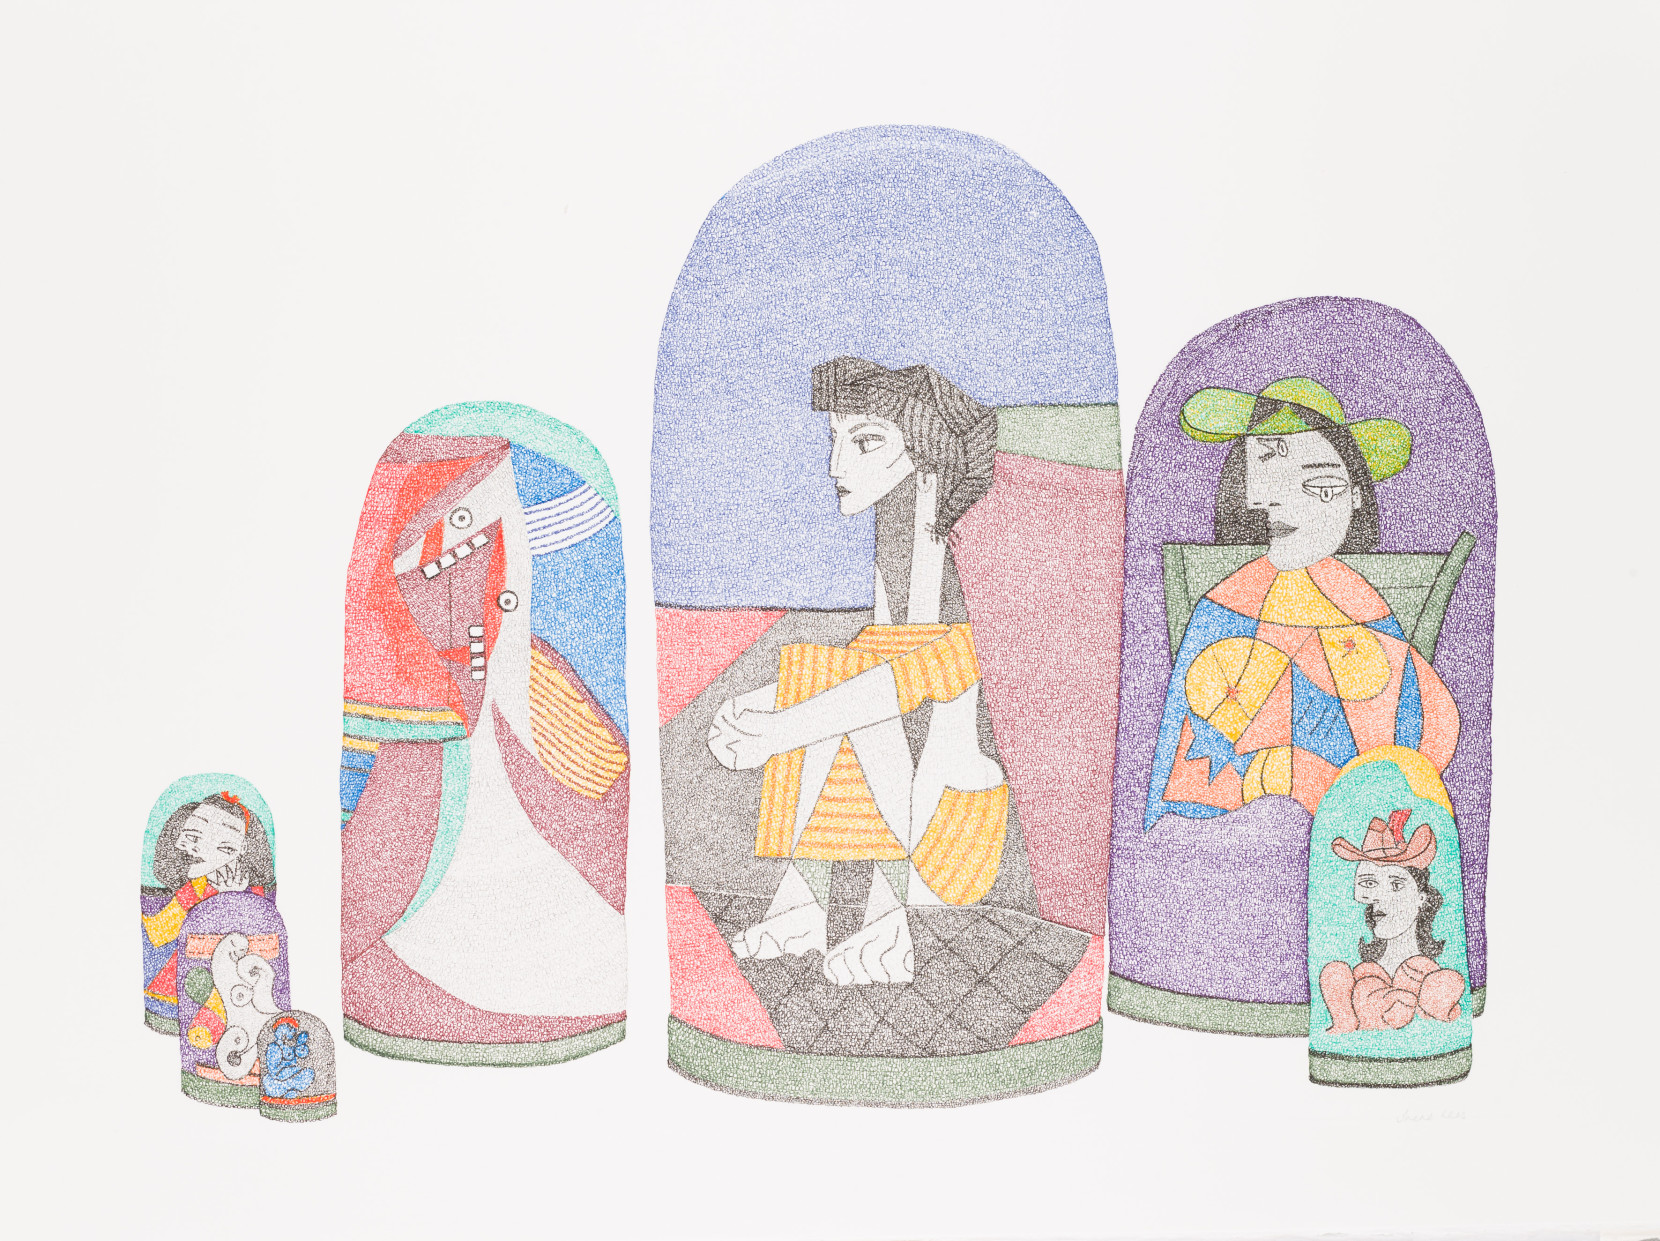 Irene Lees, Picasso's Women, Russian Dolls, 2019